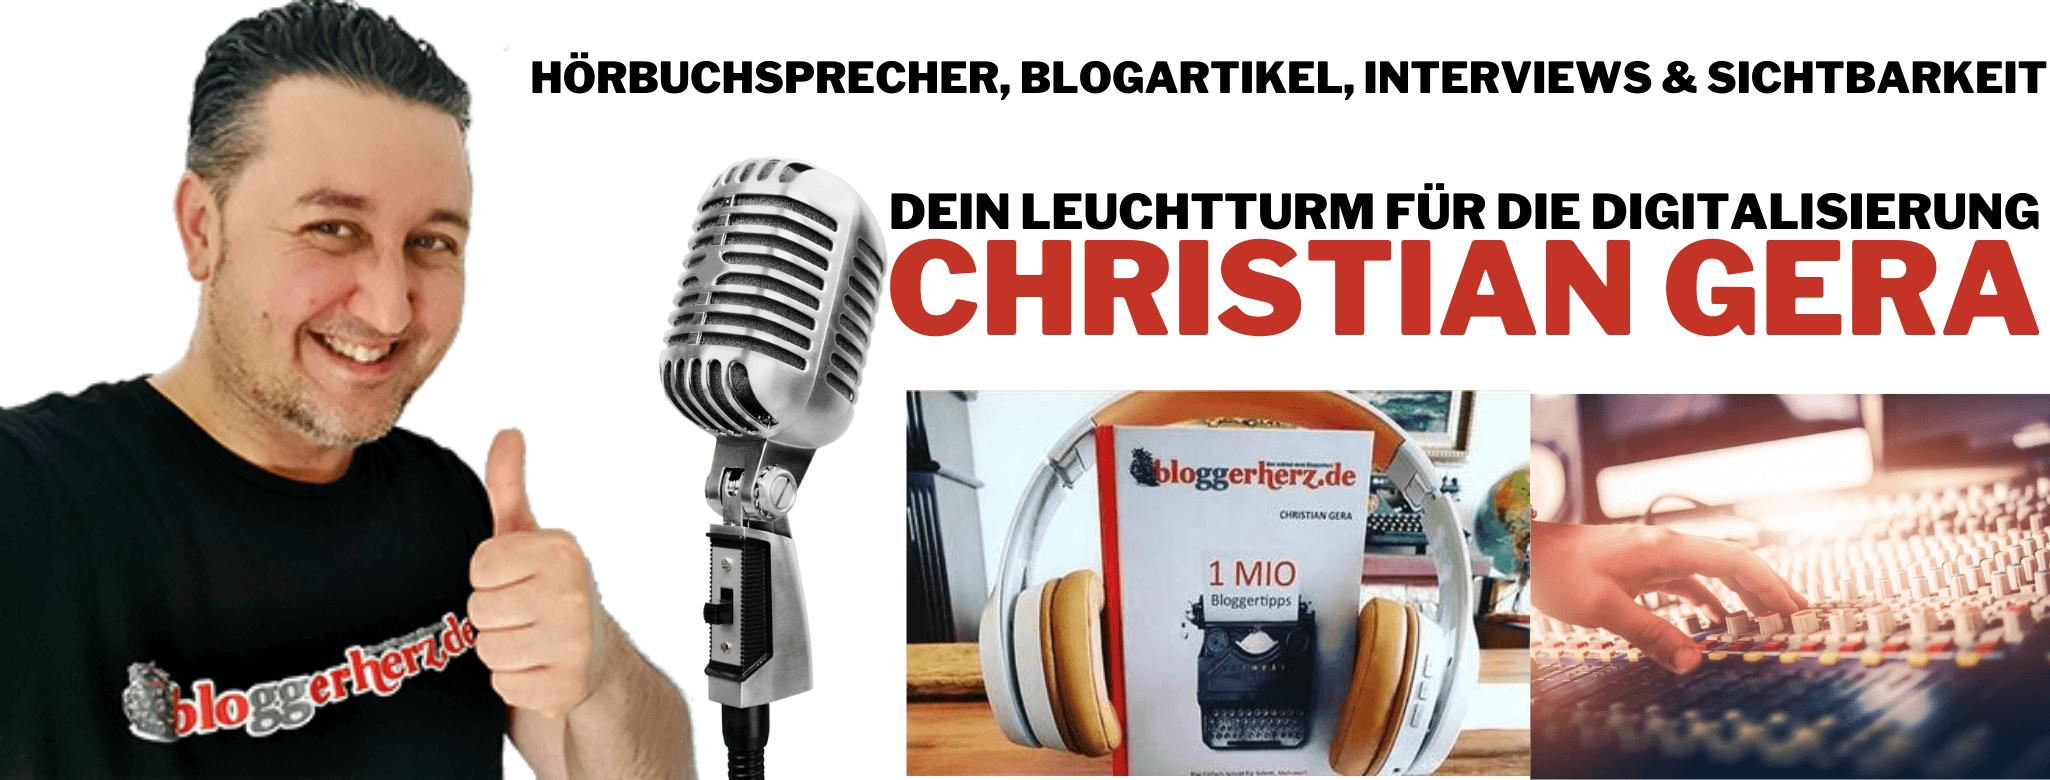 Hörbuchsprecher Christian Gera